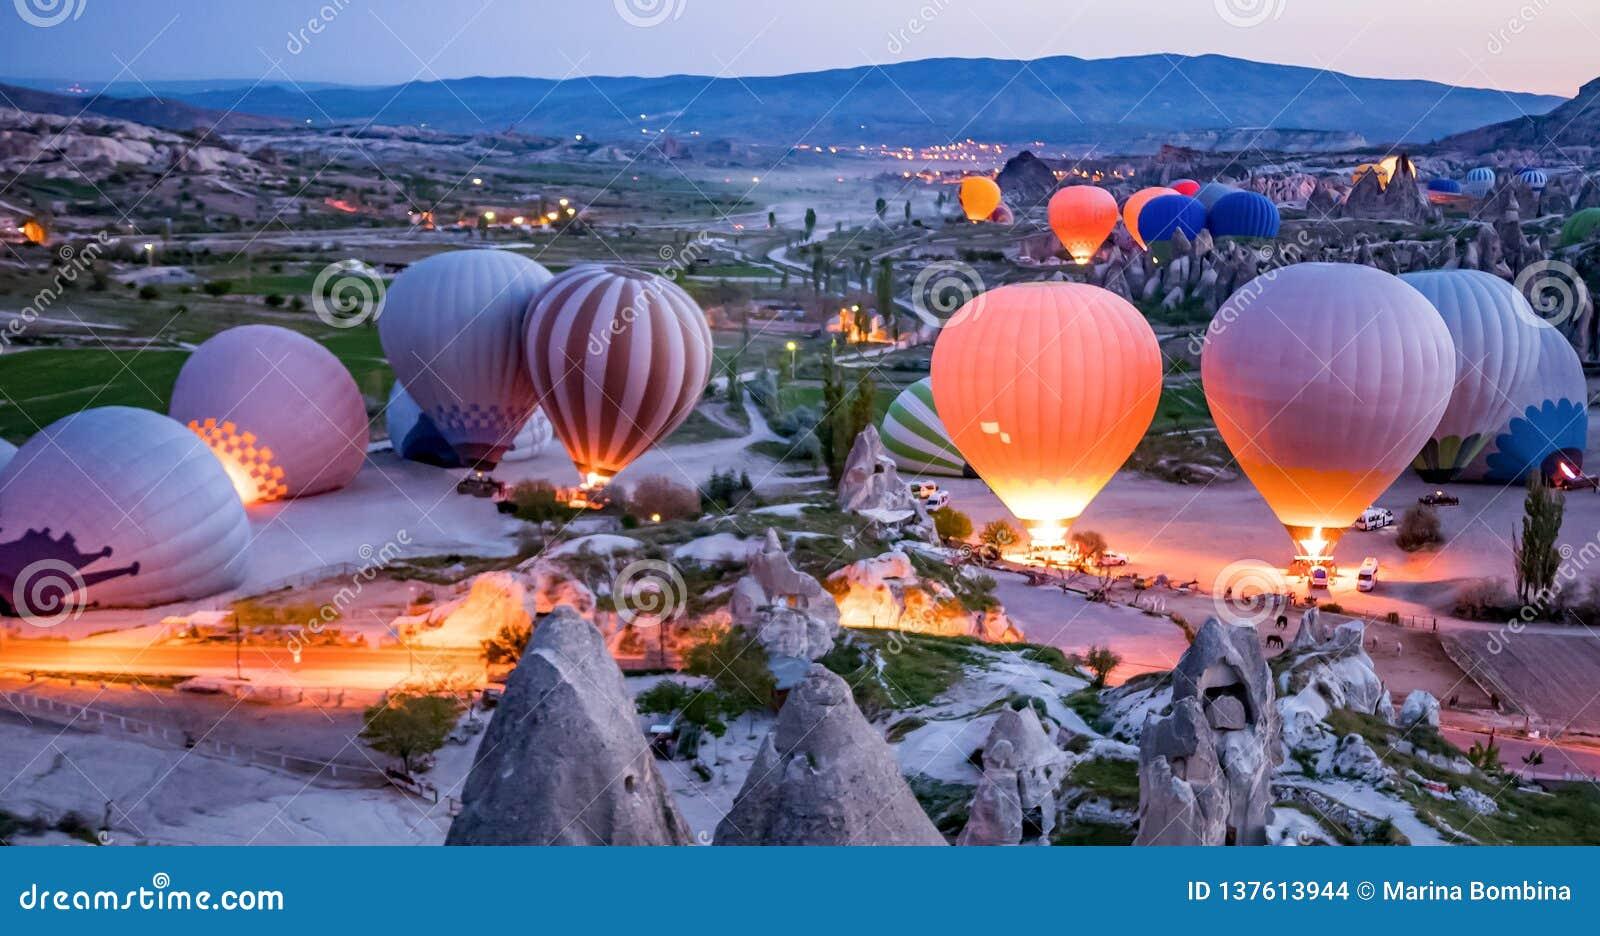 Kolorowy gorące powietrze szybko się zwiększać przed wodowanie w Goreme parku narodowym, Cappadocia, Turcja